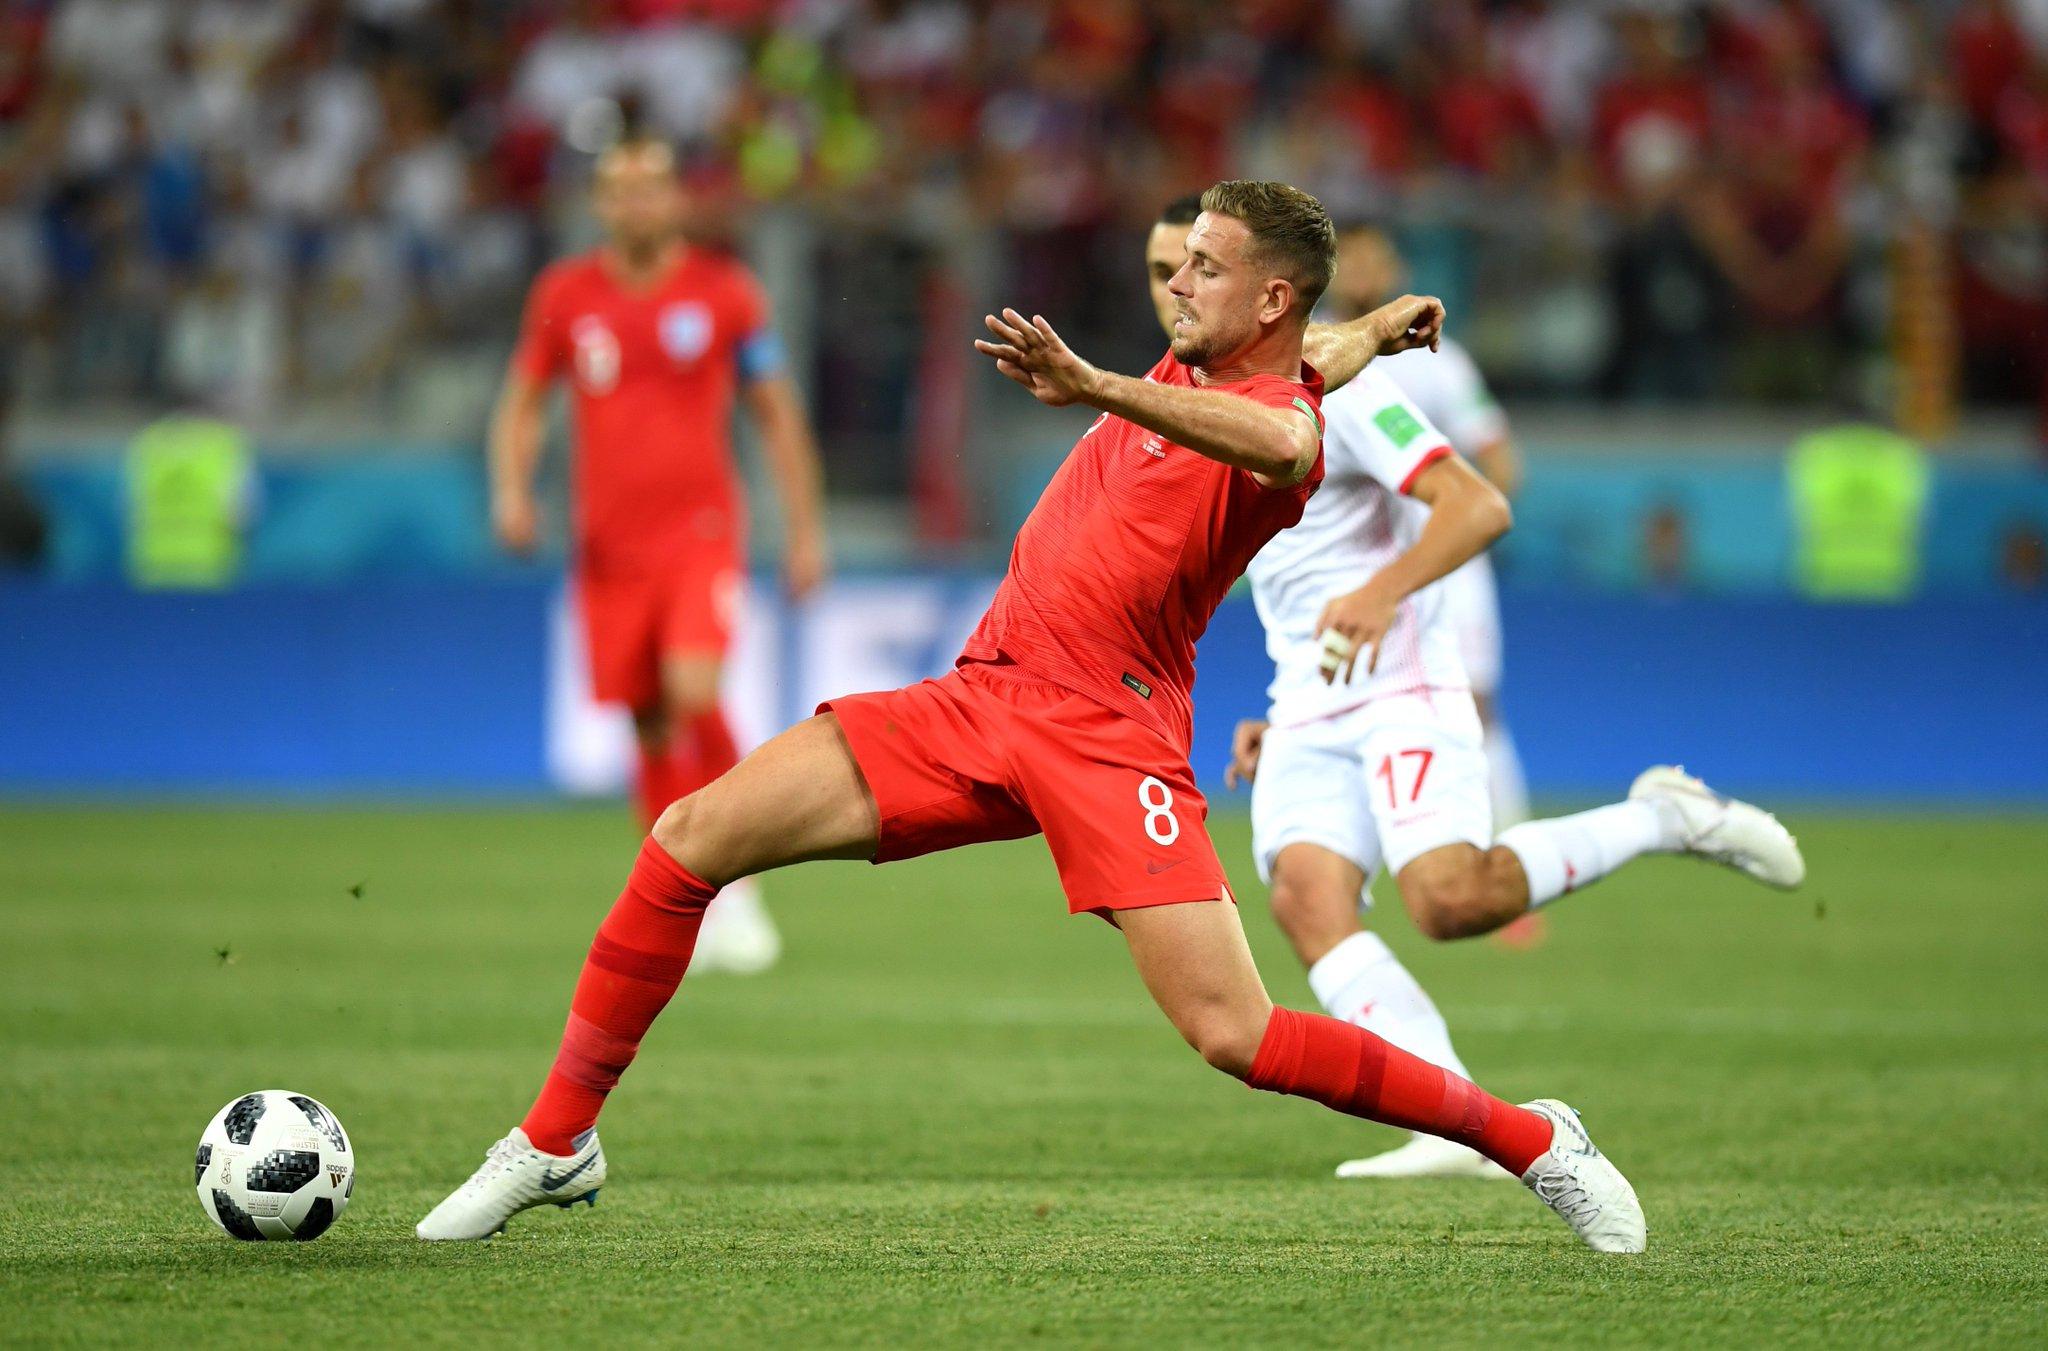 Inglaterra gana en su debut 2-1 ante Túnez